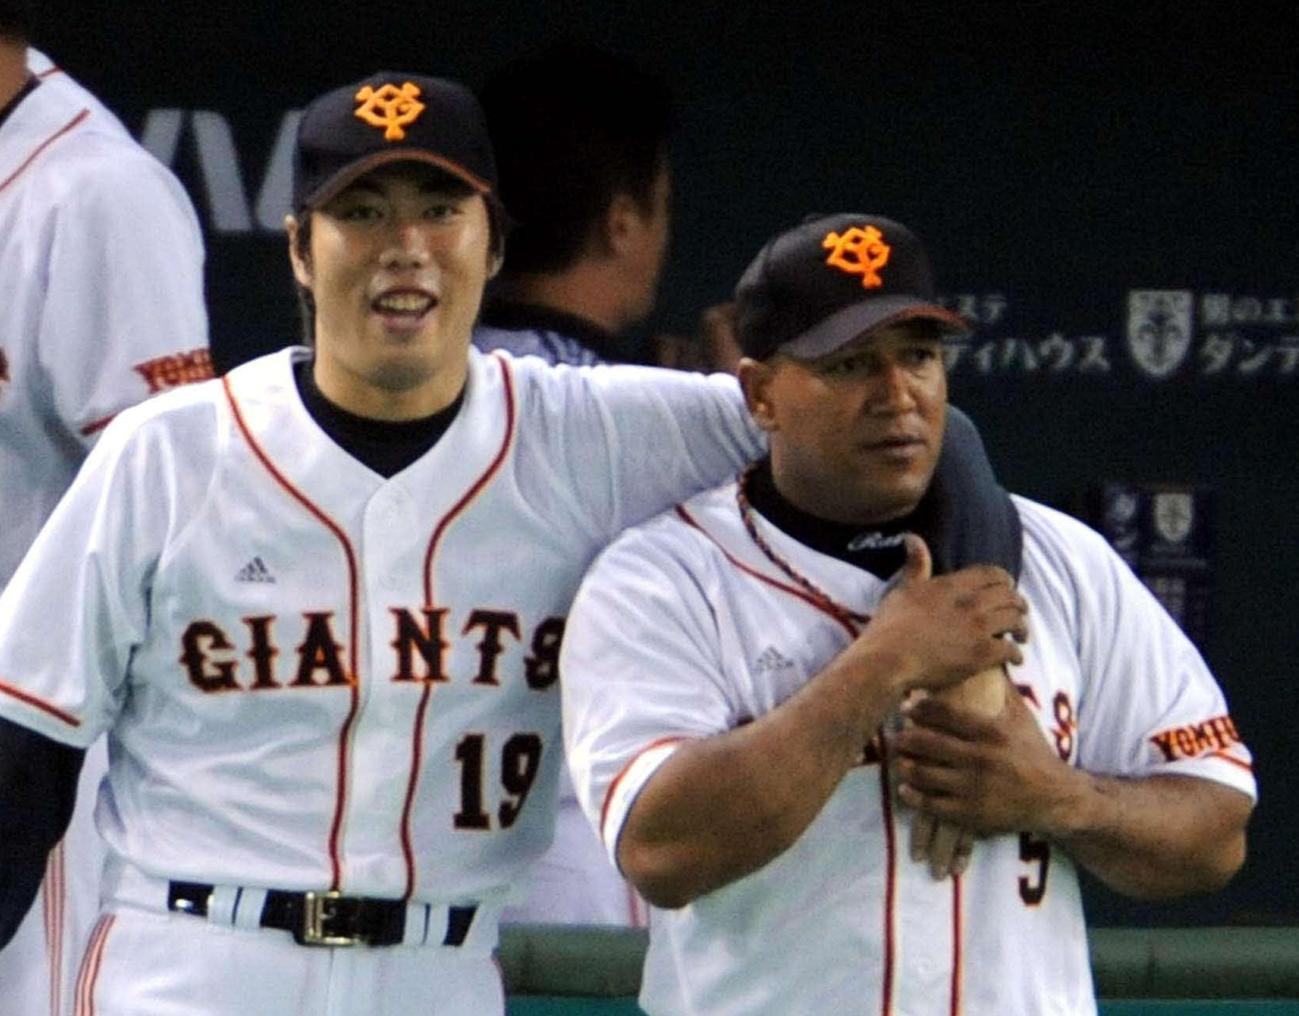 アレックス・ラミレス(右)と肩を組んで、笑顔を見せる上原浩治(2008年10月23日)